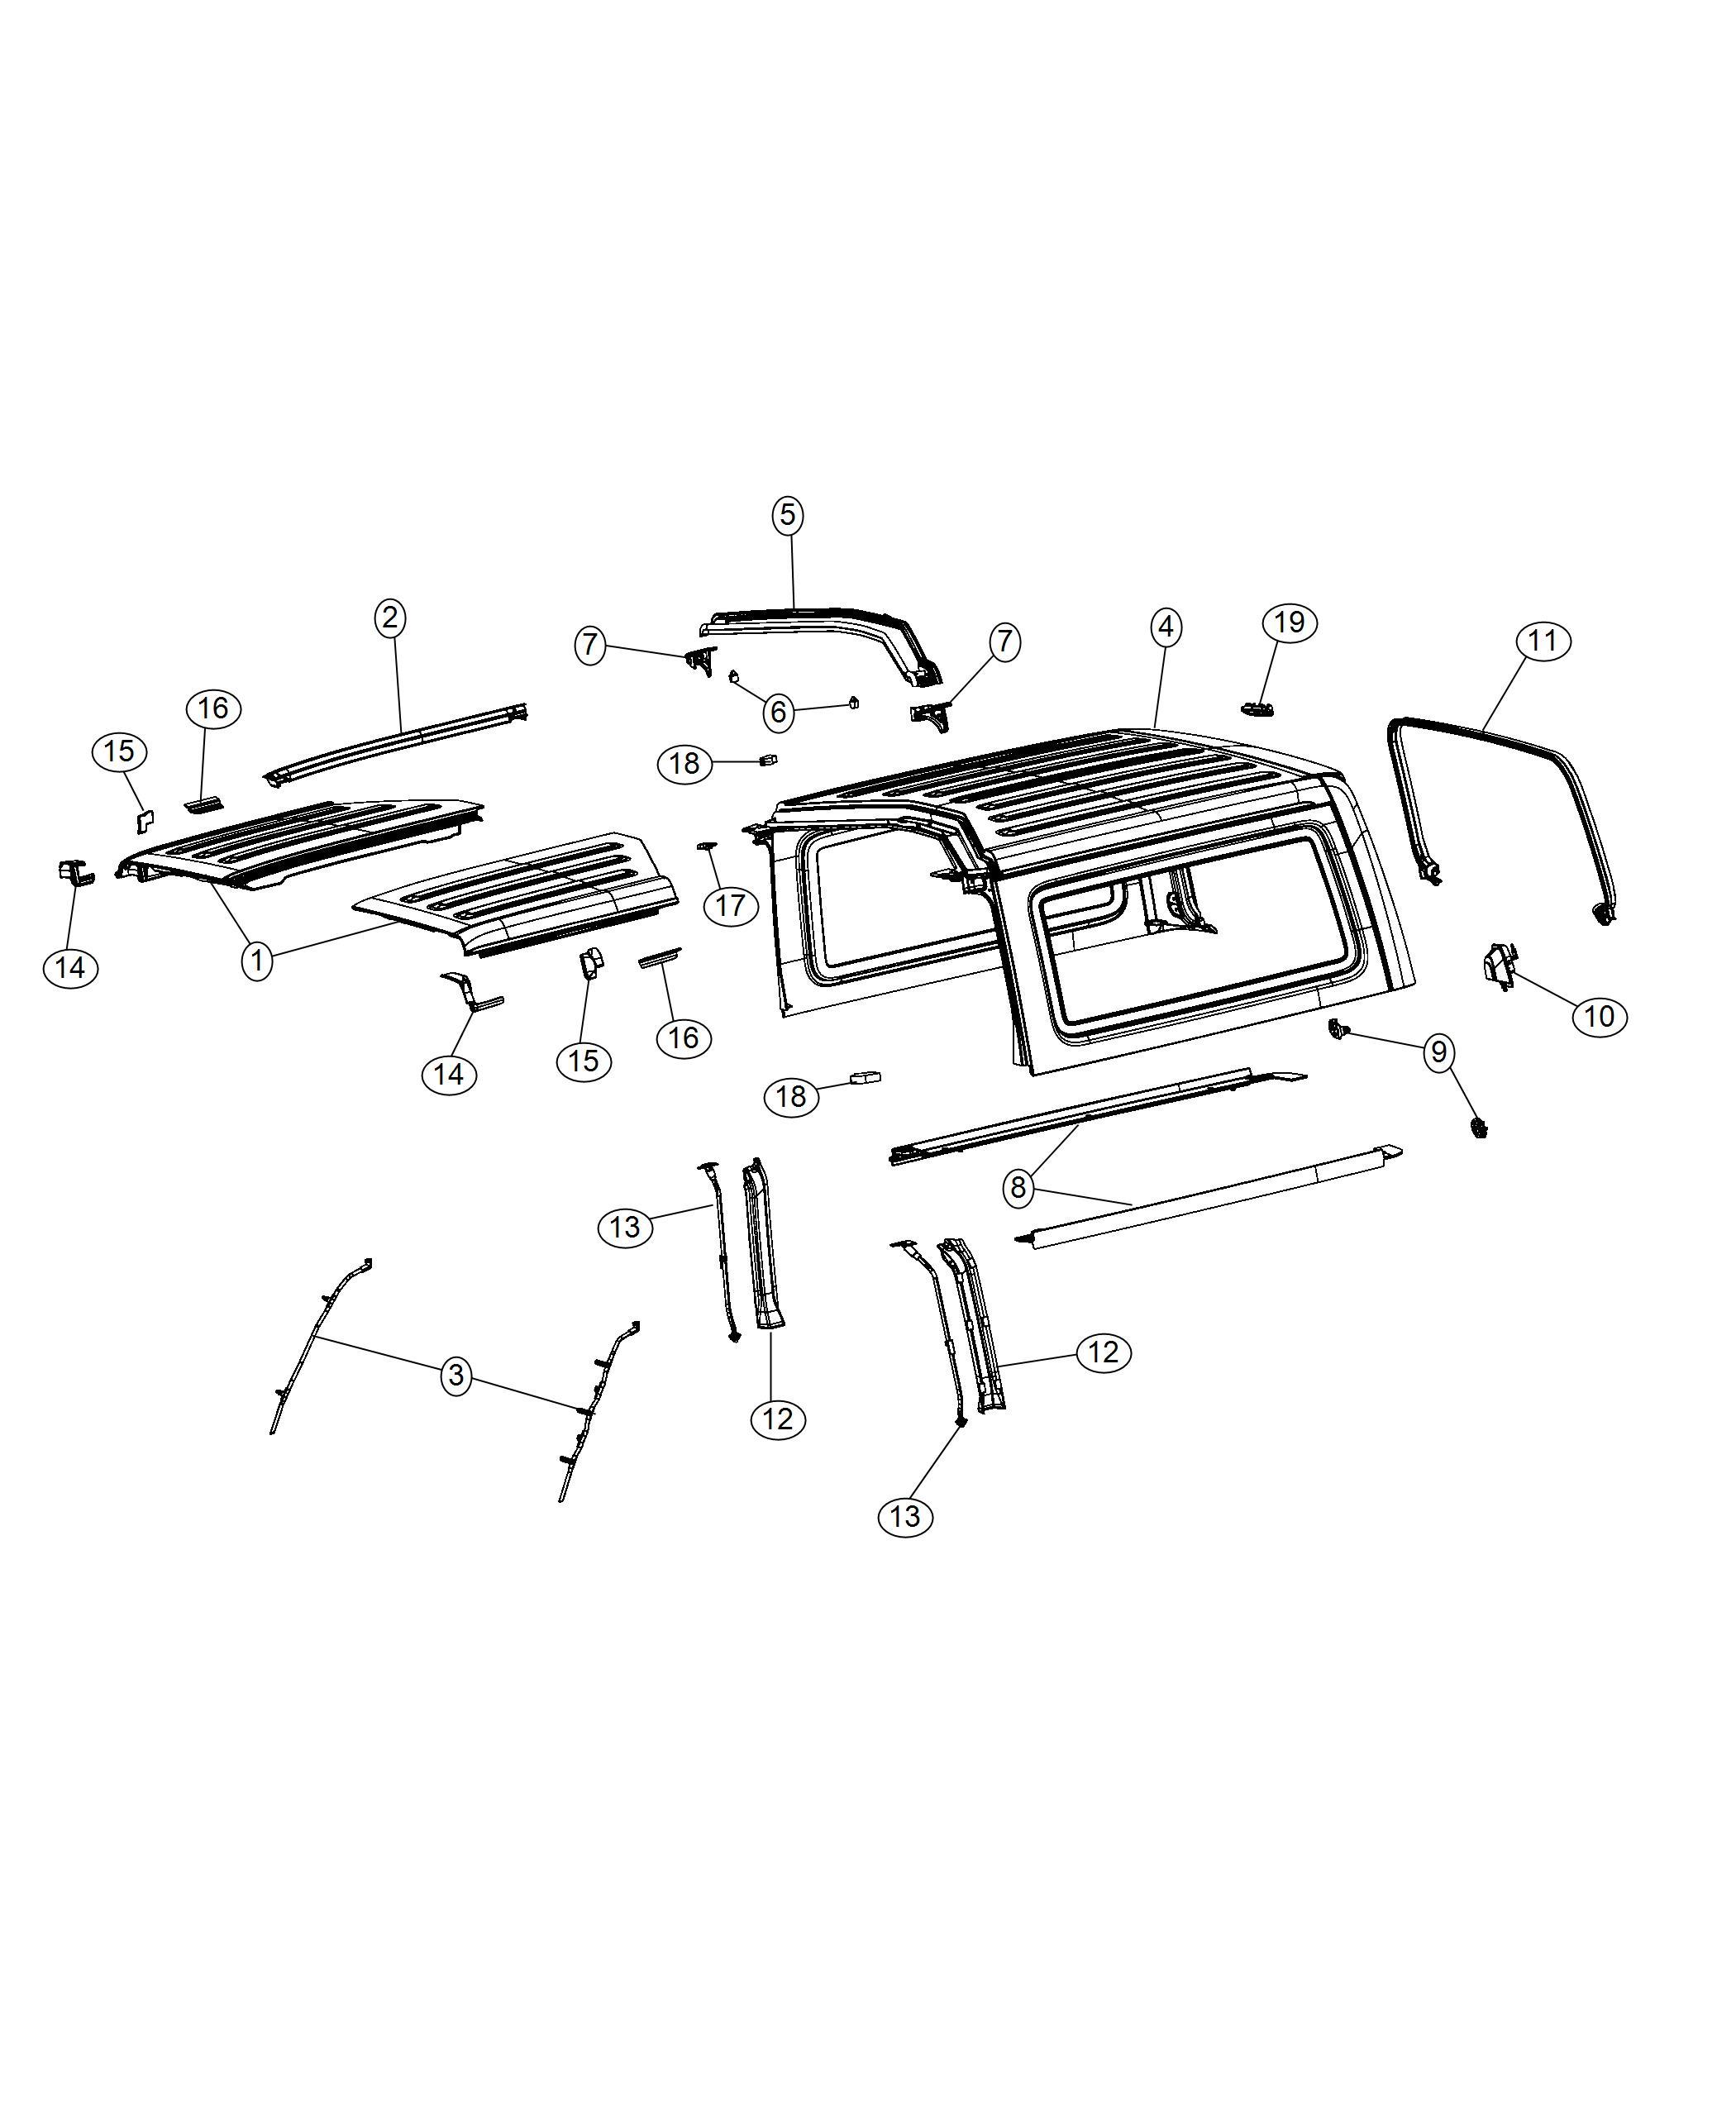 Jeep Wrangler Seal. Targa top. [black 3-piece hard top